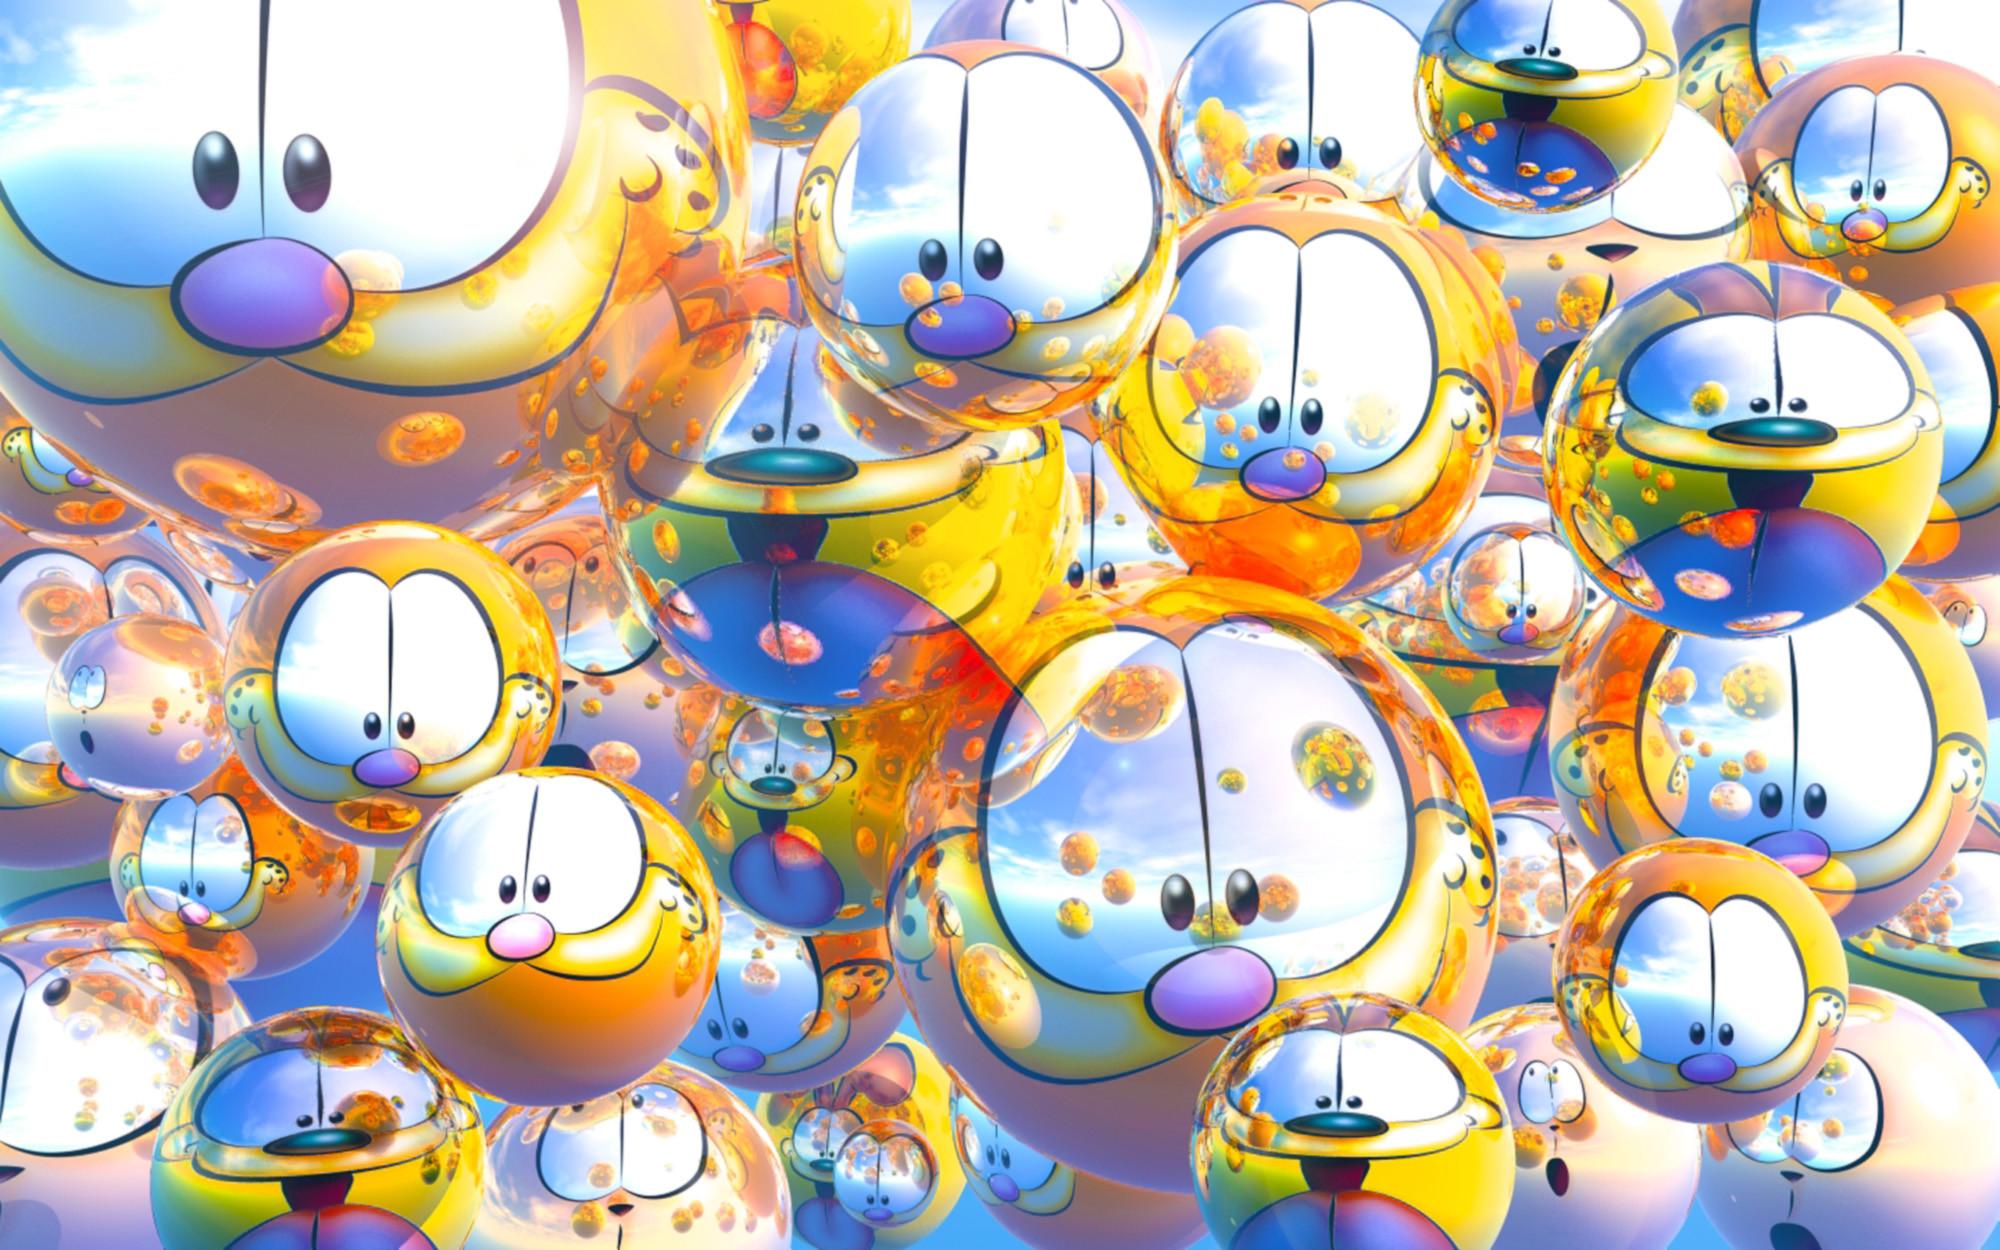 2000x1250 Garfield Friends High Definition Wallpaper For Desktop Background